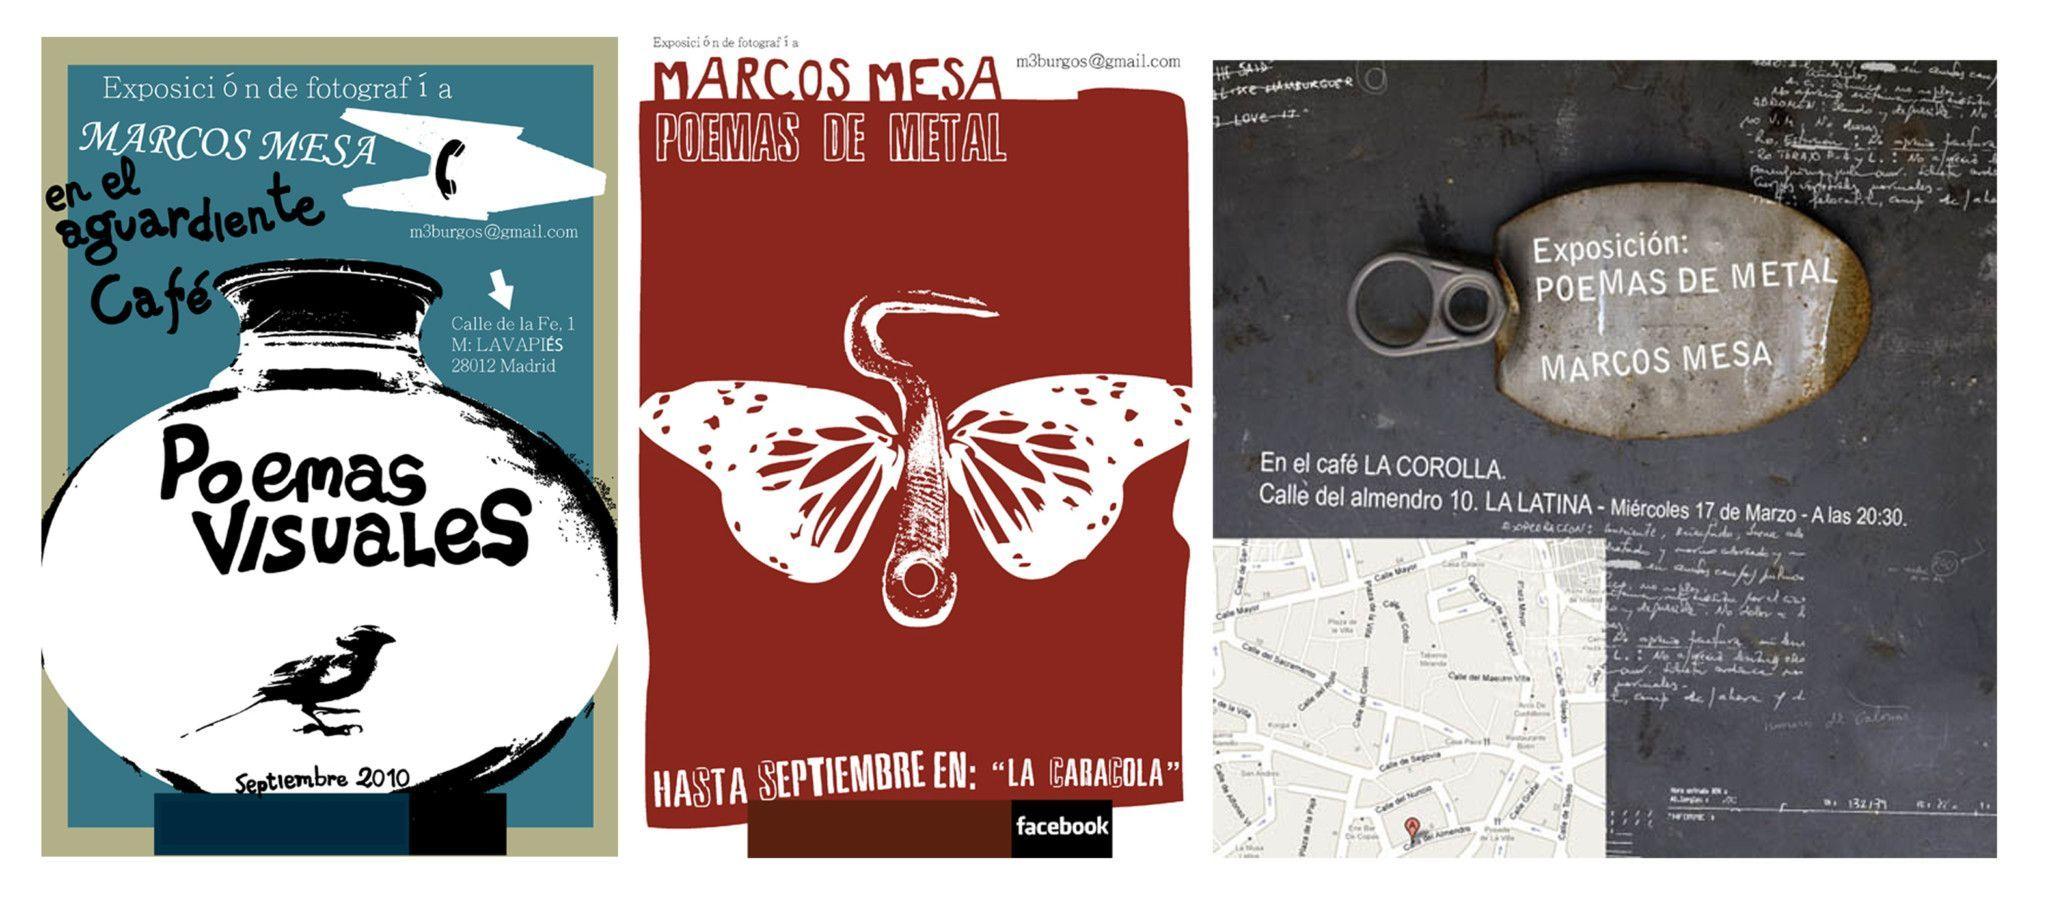 Marcos Mesa, poeta visual